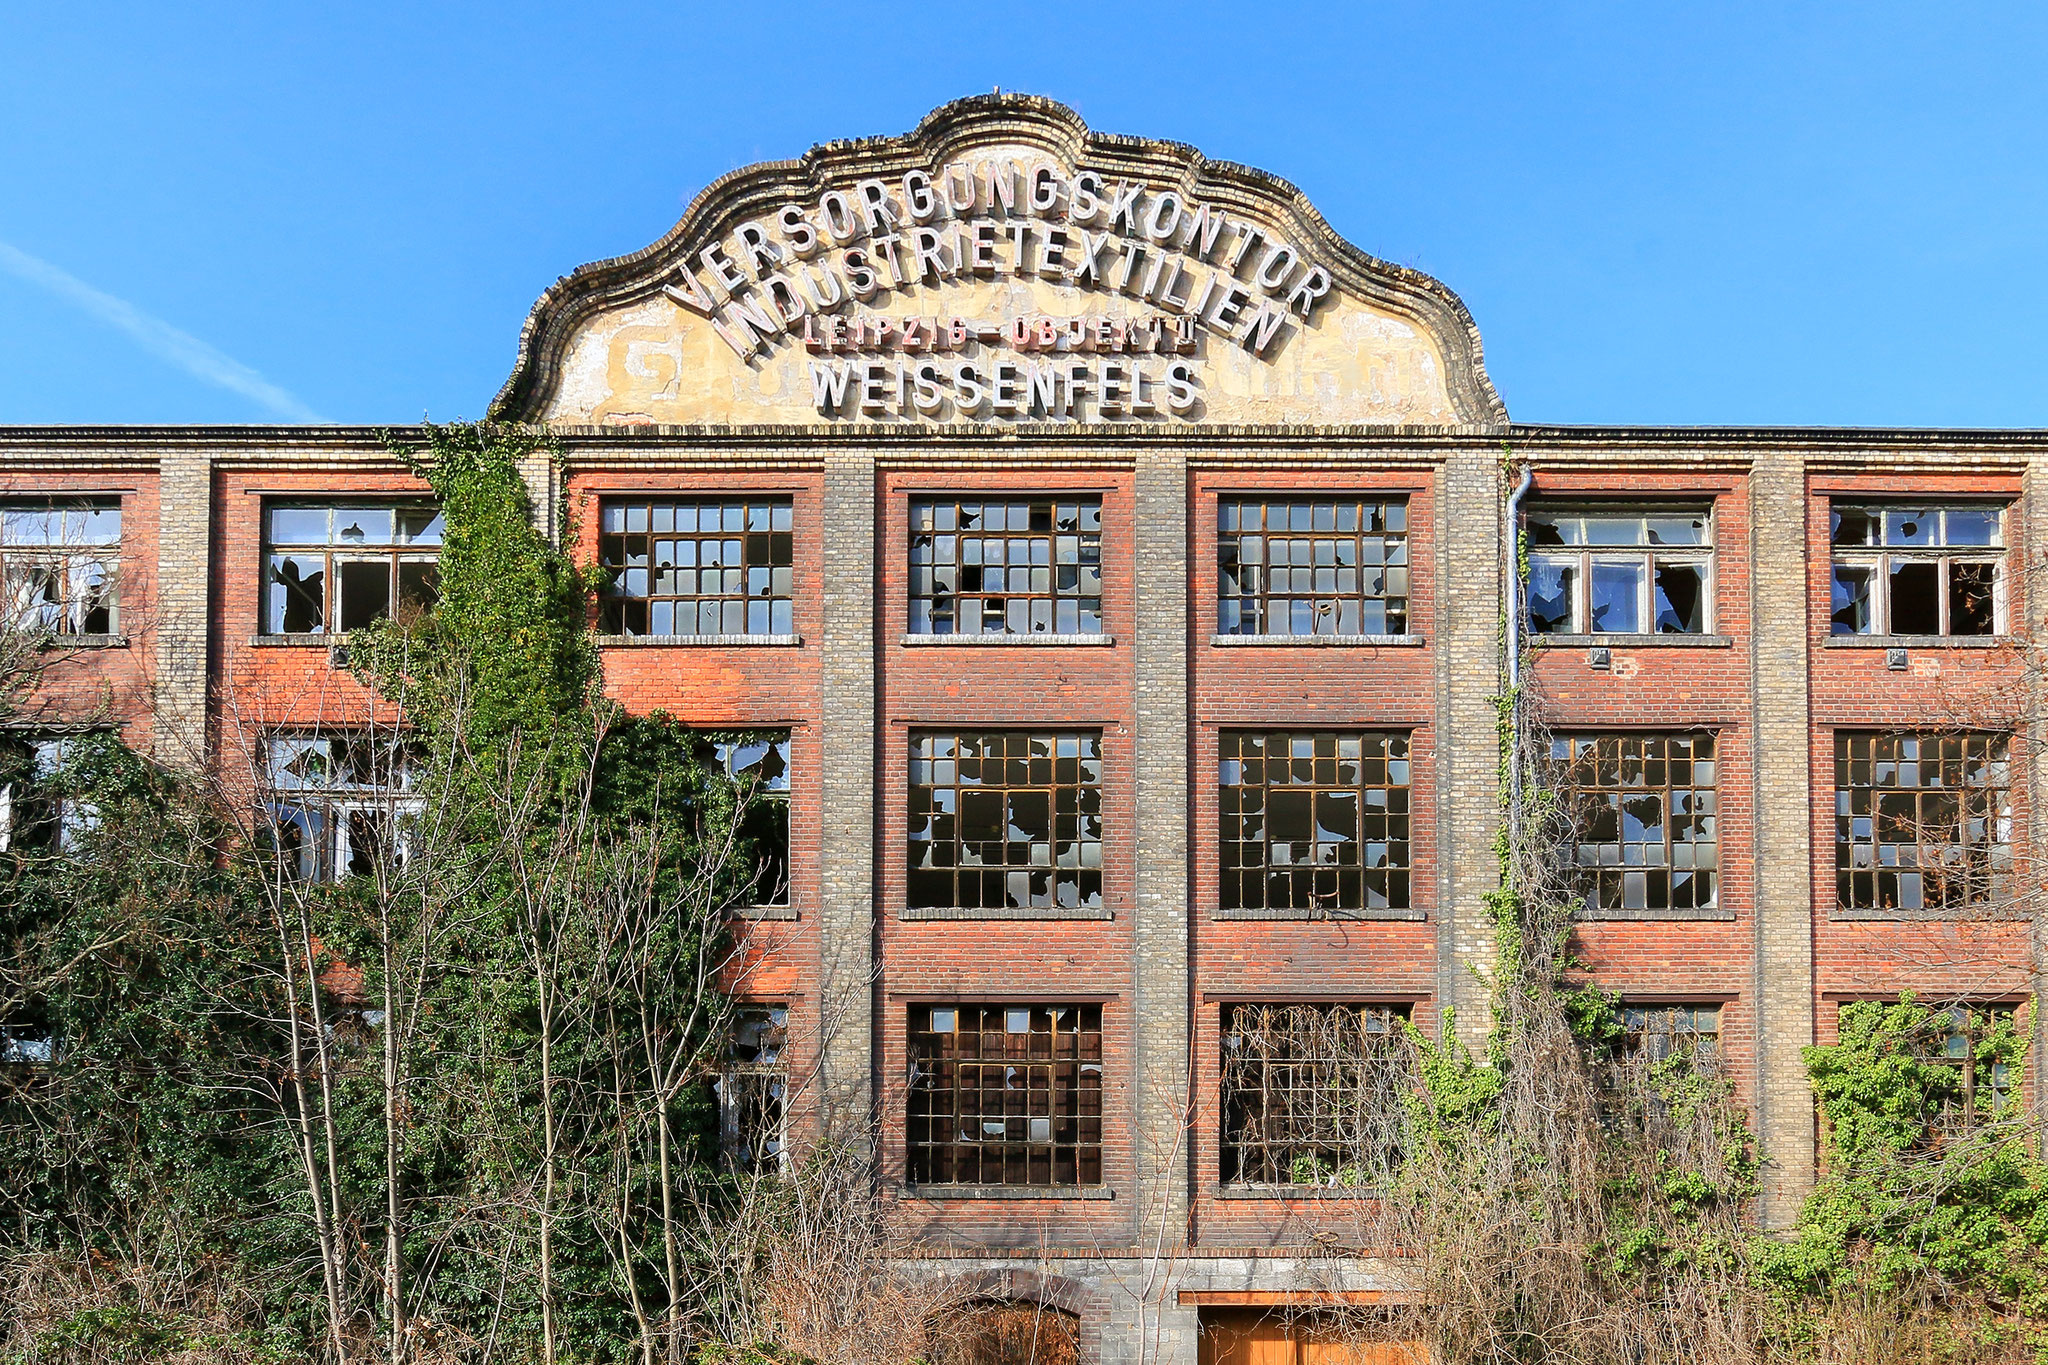 VEB Versorgungskontor Industrietextilien Leipzig-Objekt II Weißenfels